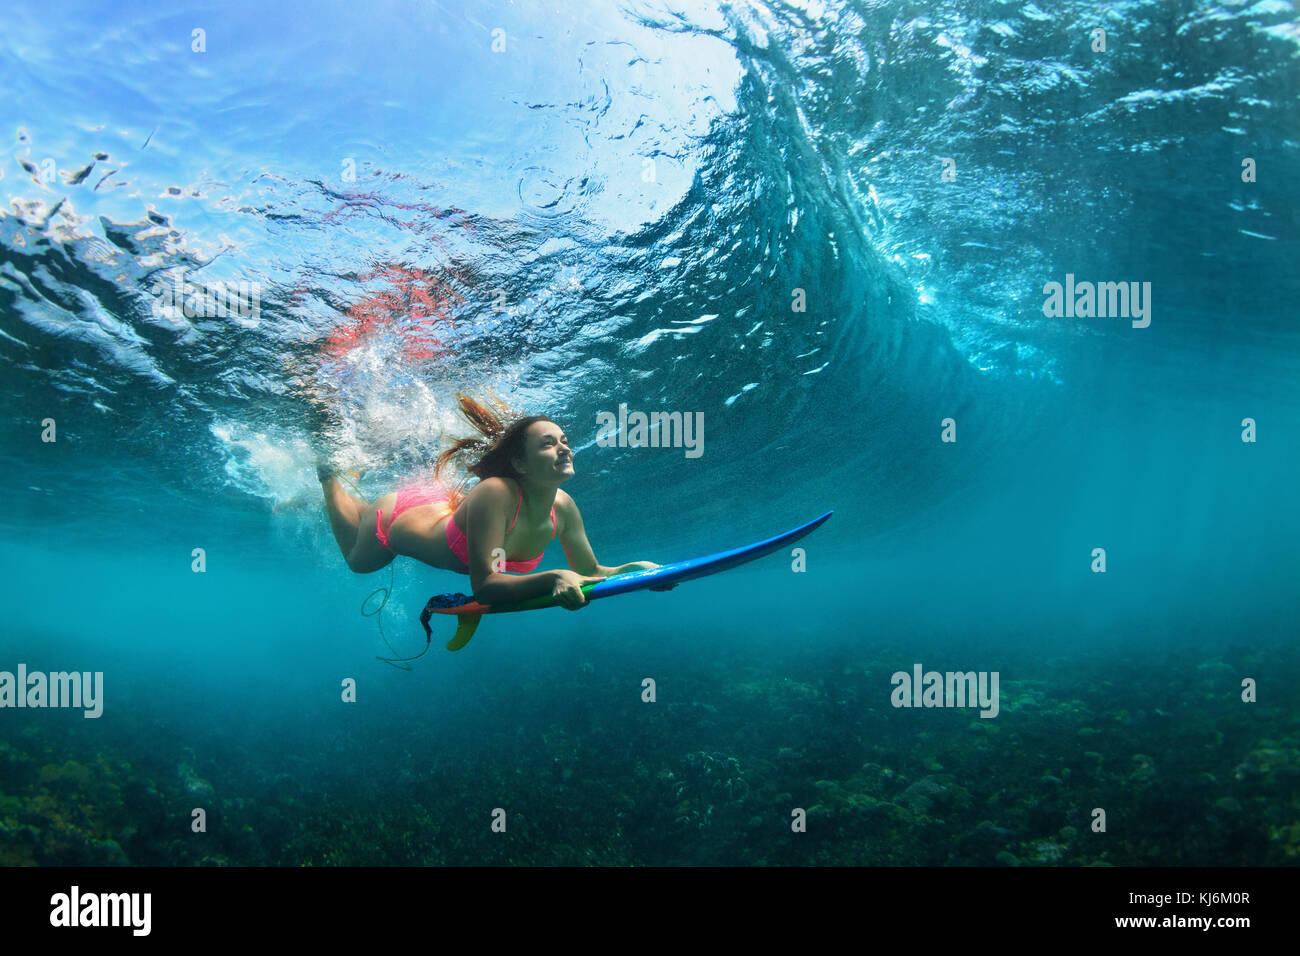 Active chica en bikini en acción. surfer mujer con surf buceo bajo submarino Rompiendo olas grandes. Los adolescentes Imagen De Stock